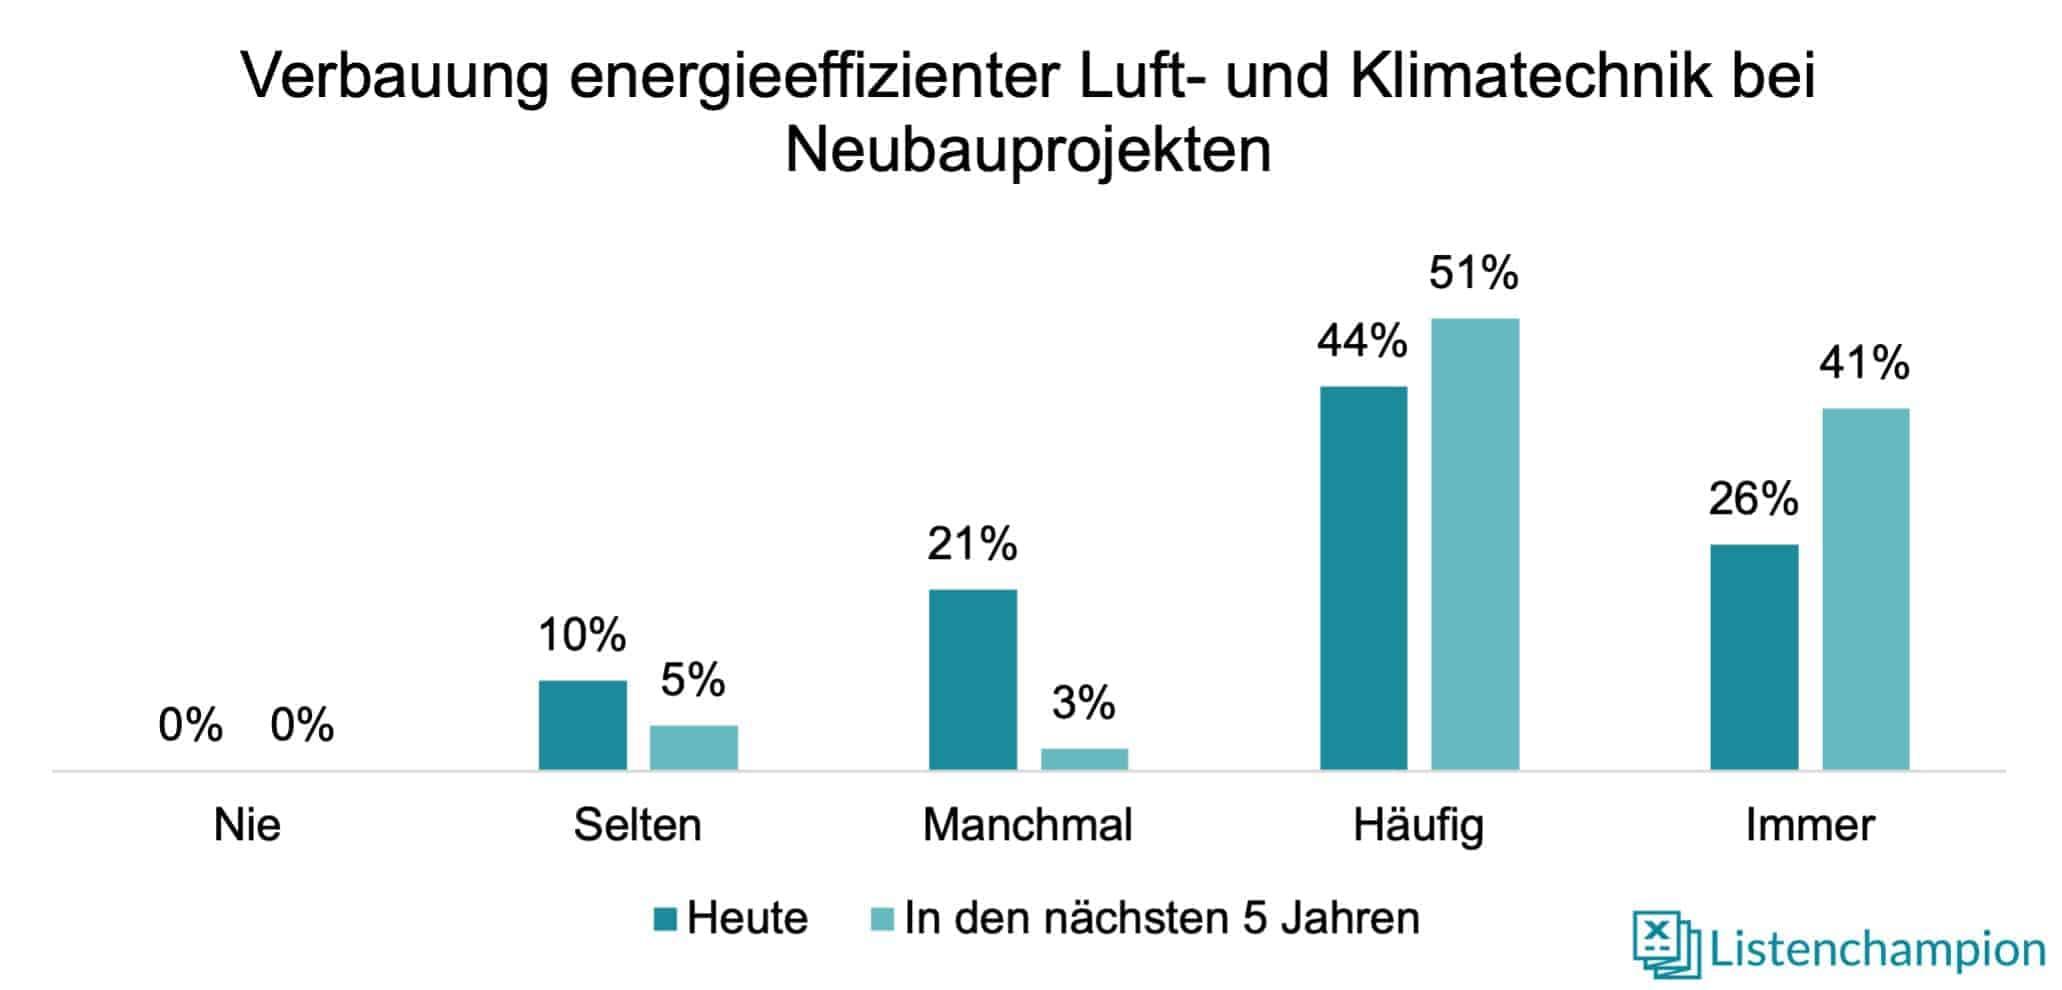 Energieeffiziente Luft und Klimatechnik